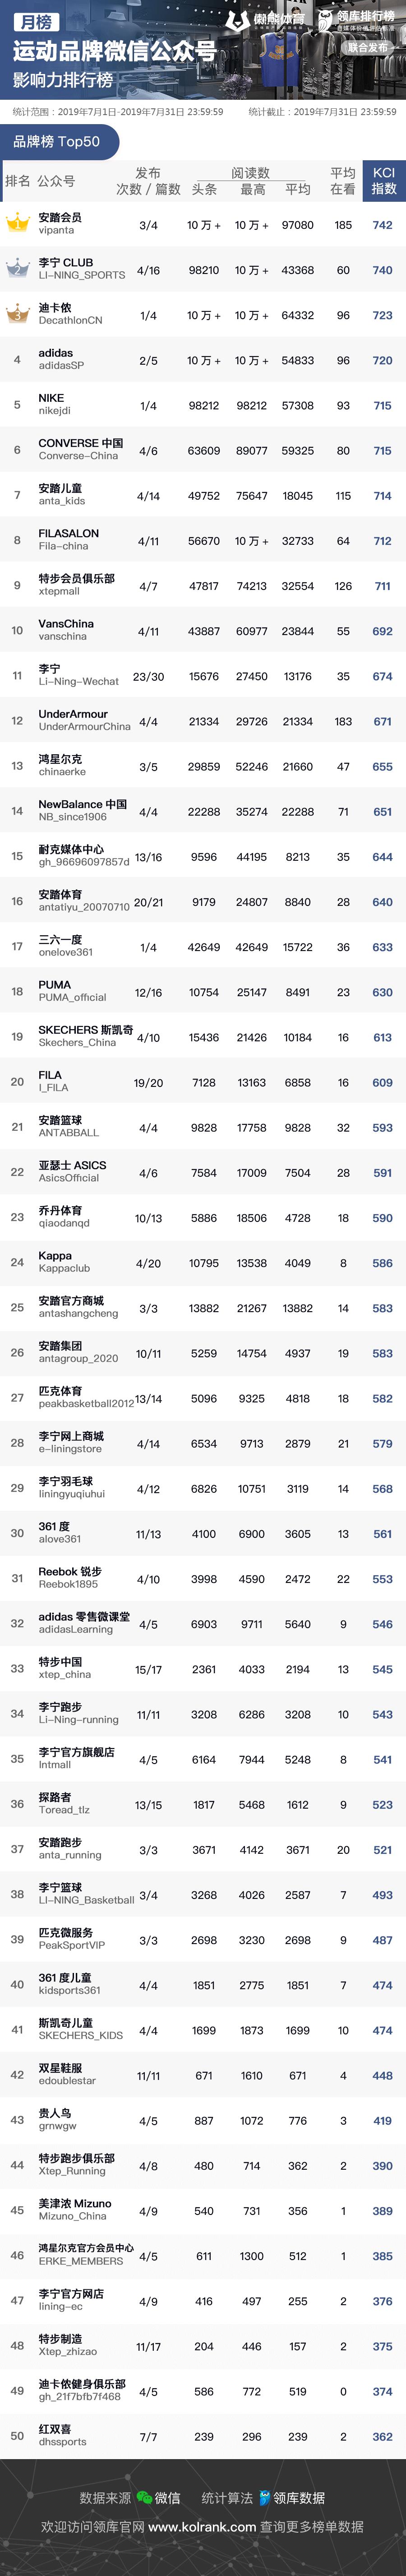 运动品牌7月KCI指数排行榜公布:国产品牌占据前三,耐克阿迪紧随其后